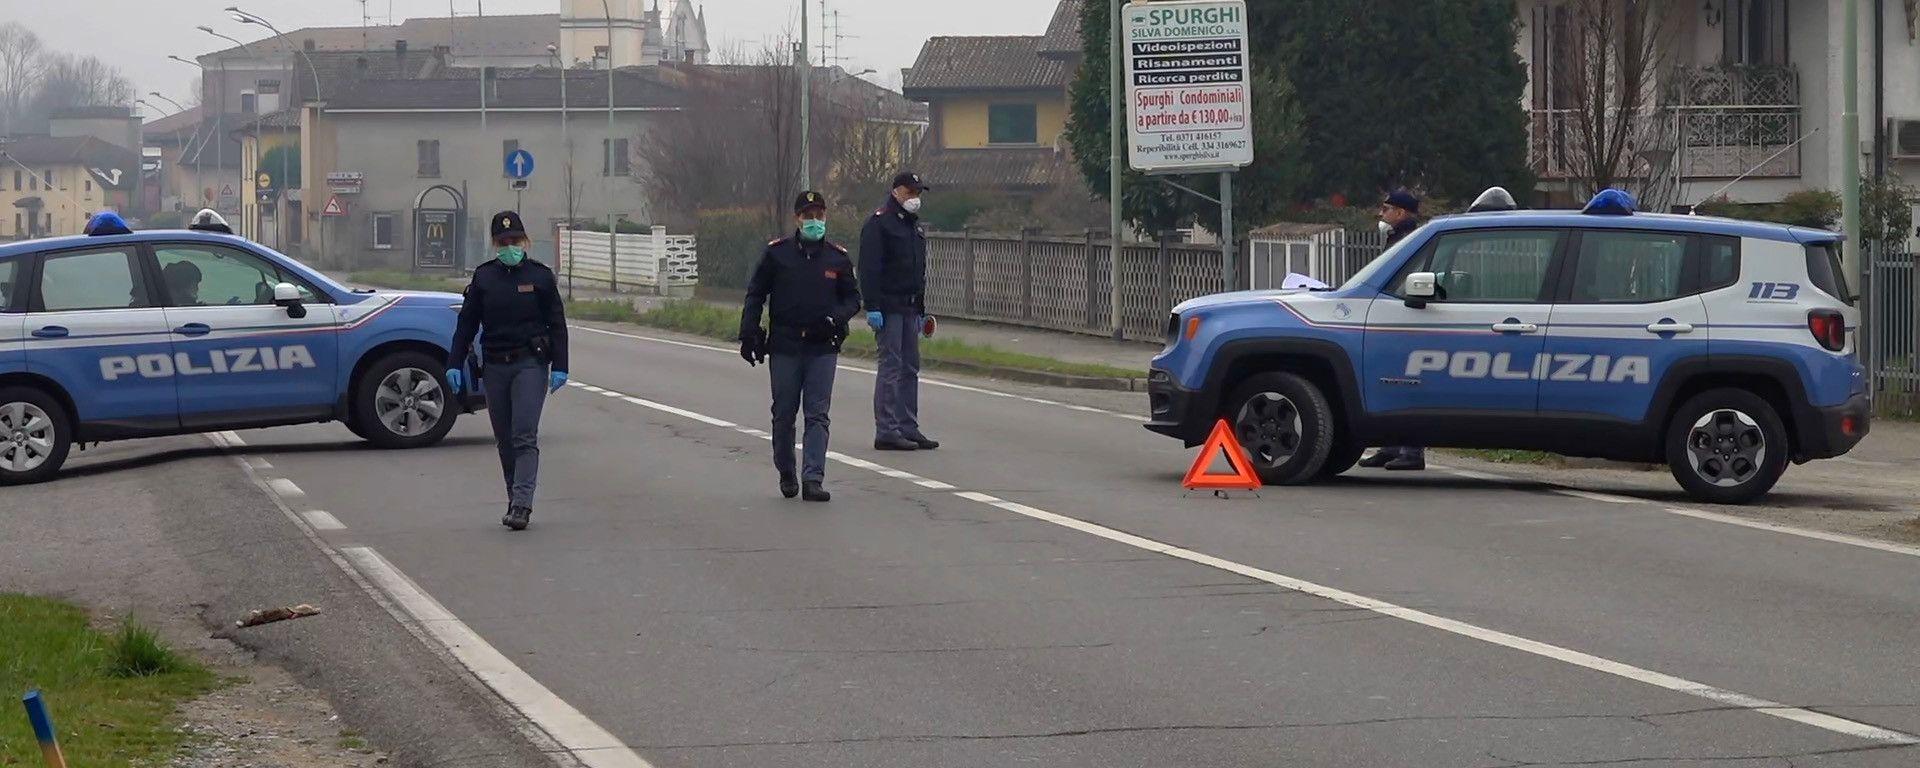 L'ingresso della Zona Rossa presidiato dalla Polizia